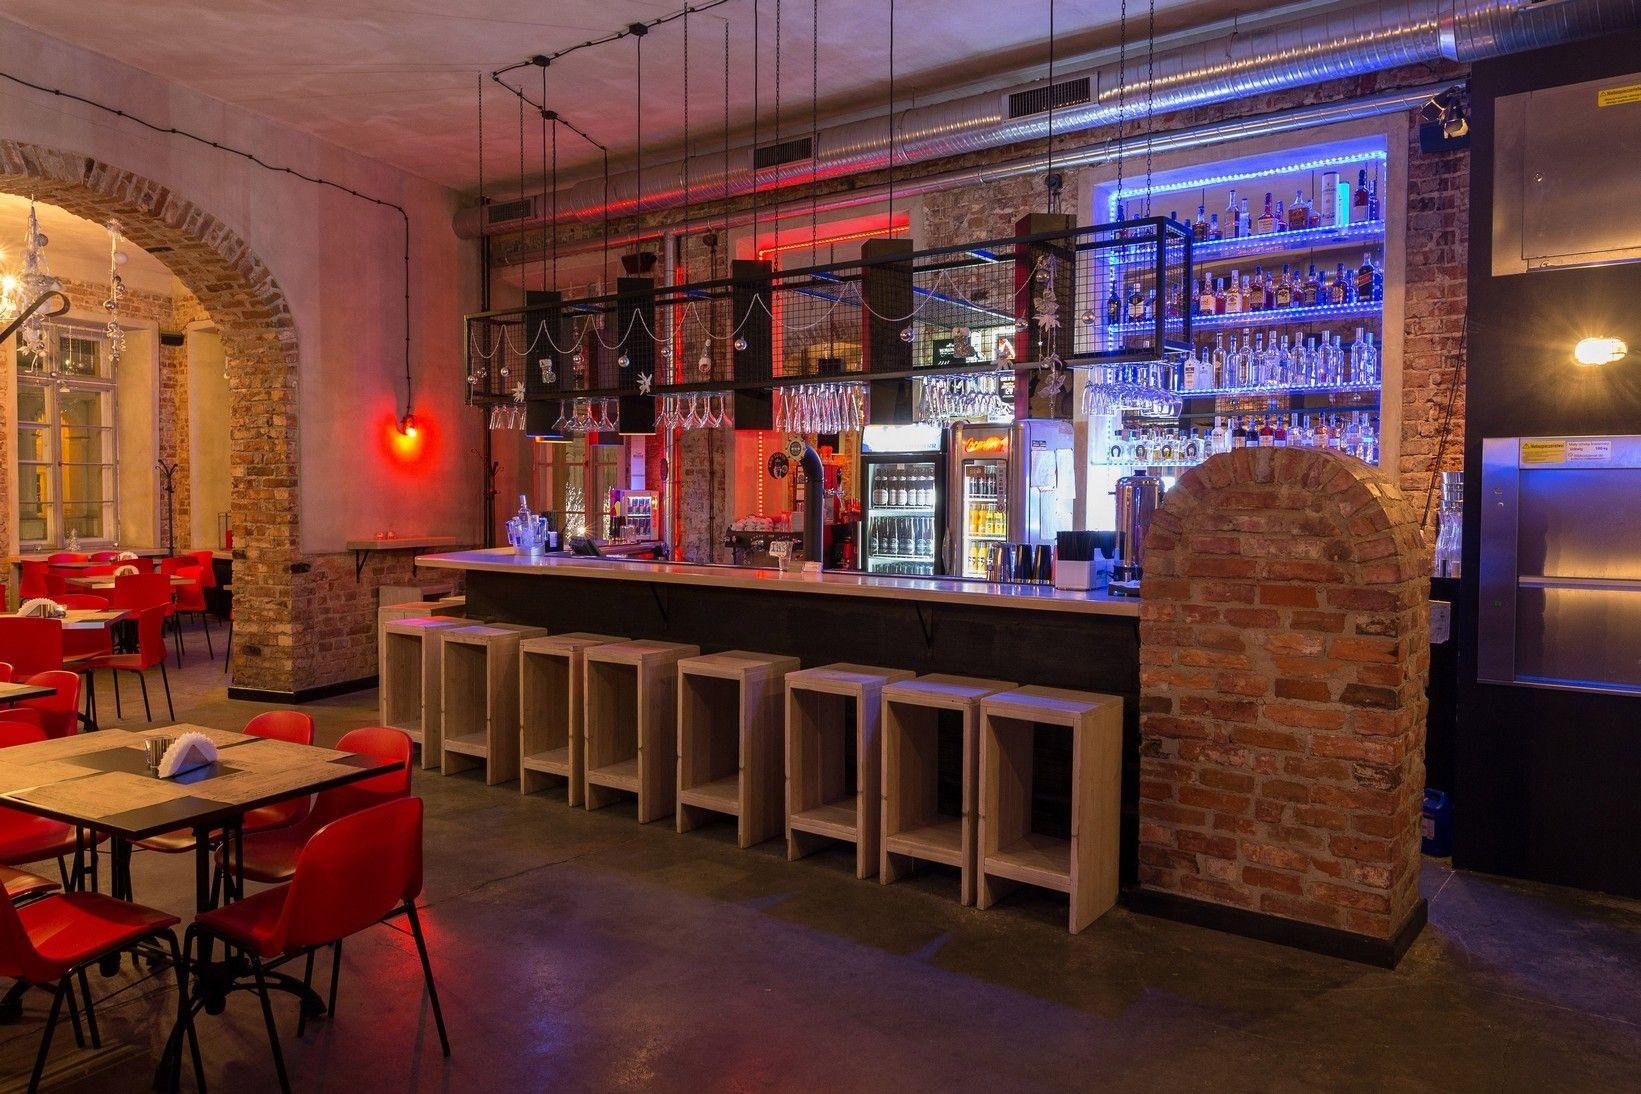 Warszawa Bar Amp Restauracja To Najlepszy Wybor Dla Wszystkich Spragnionych Dobrego Jedzenia I Dobrej Zabawy To Doskonala Lo Decor Home Decor Liquor Cabinet